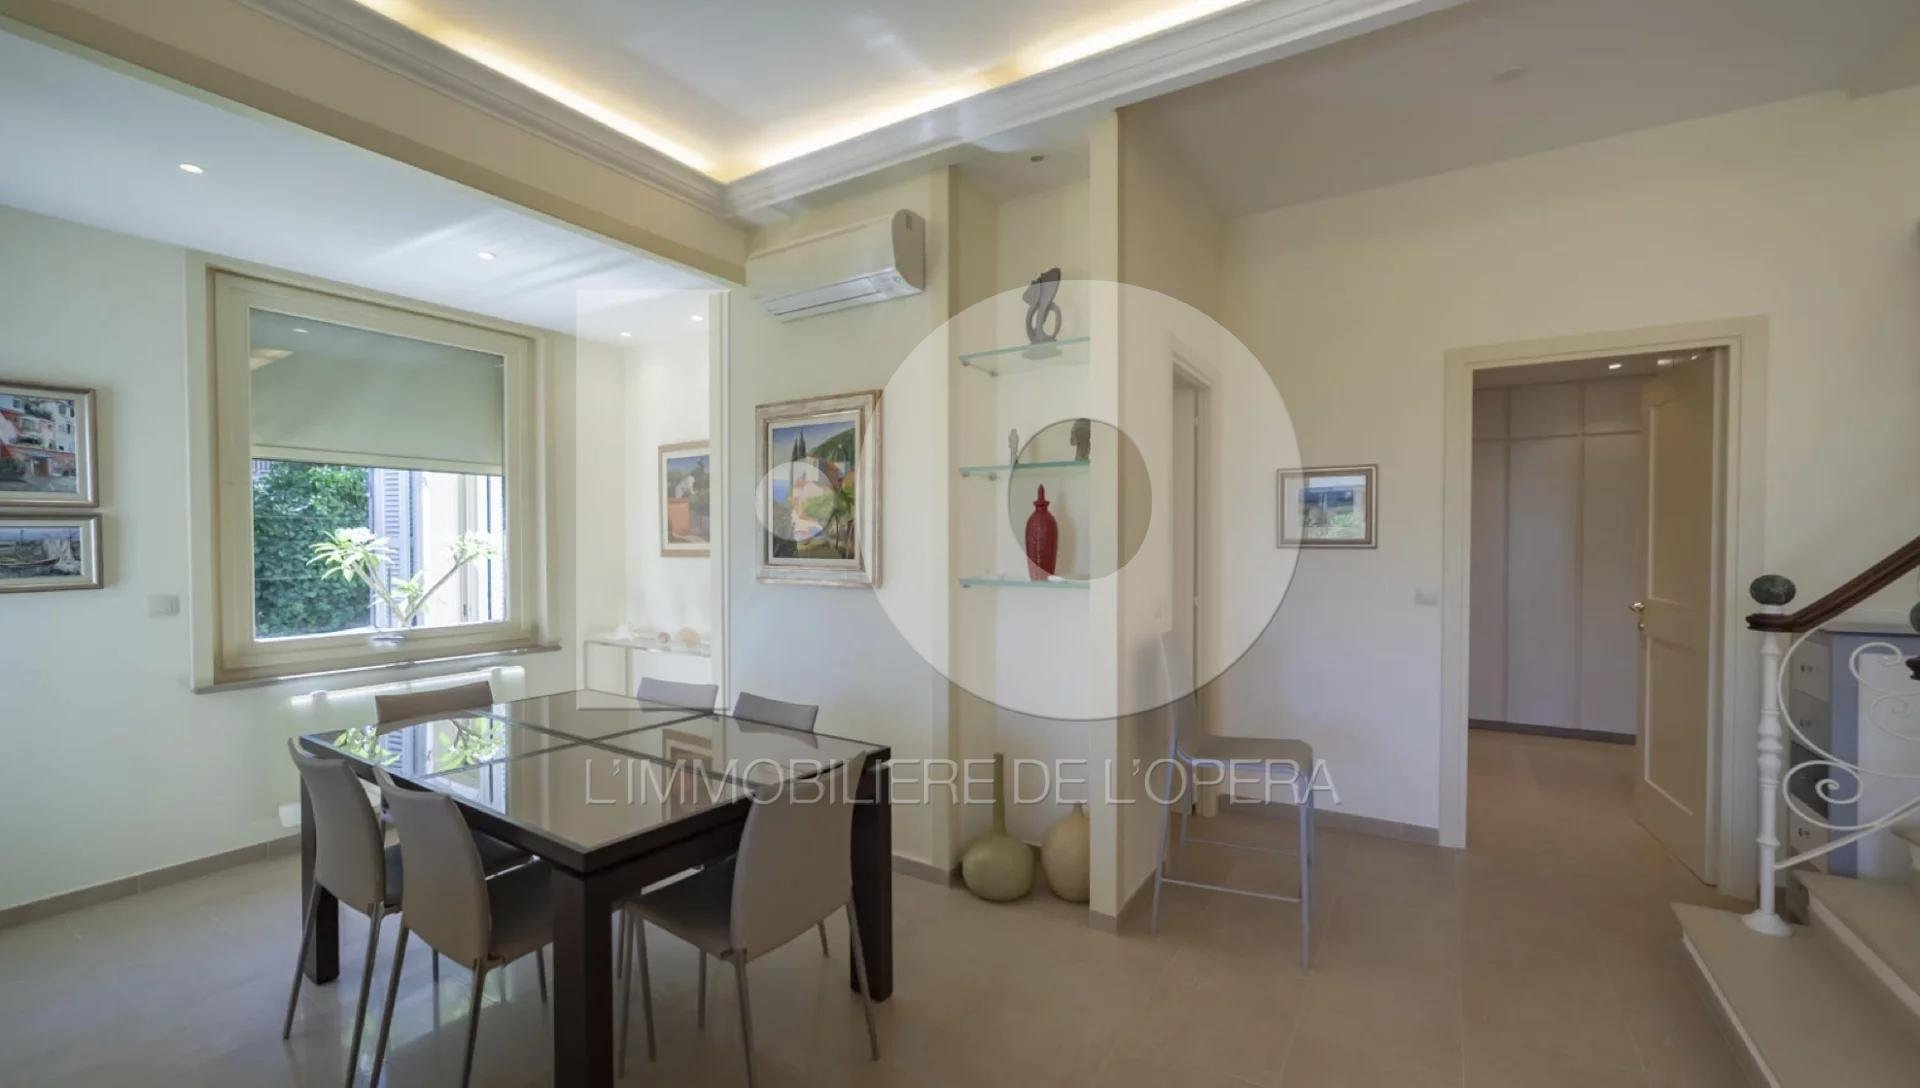 Menton - Villa  190 m2 - Vue Mer